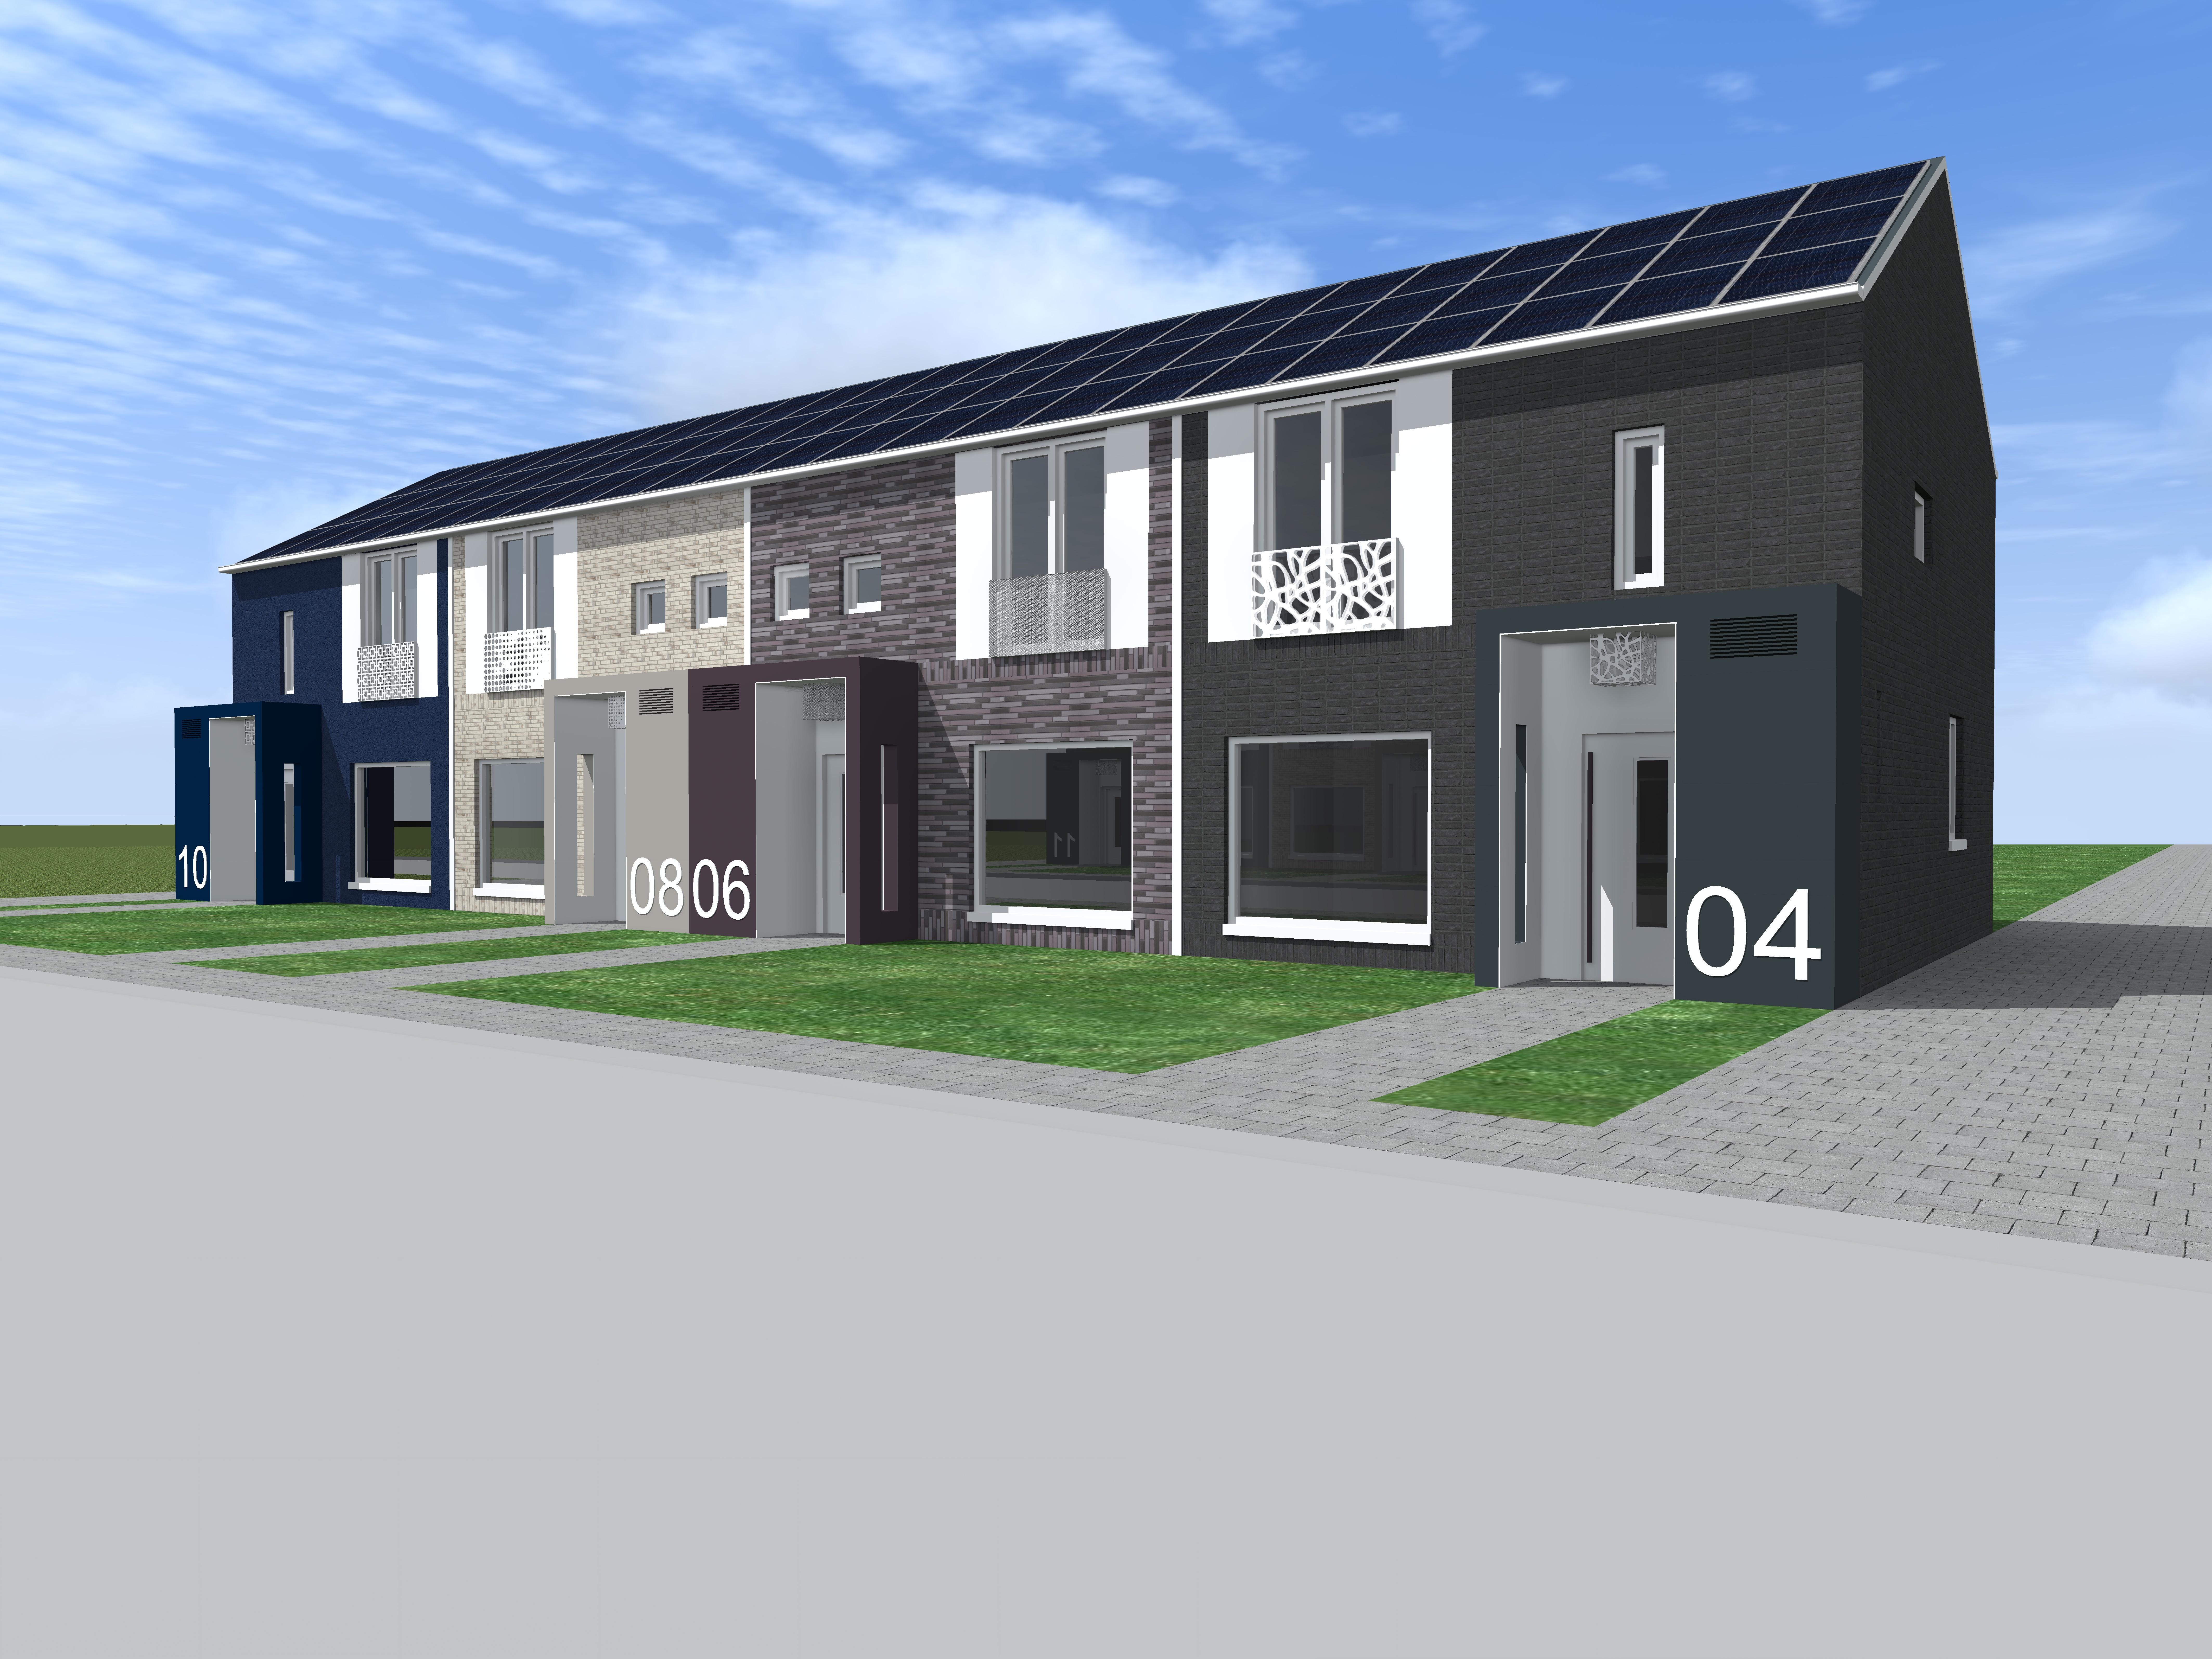 Stroomversnelling Melick Nom VKG Architectuurprijs Renovatie 2014